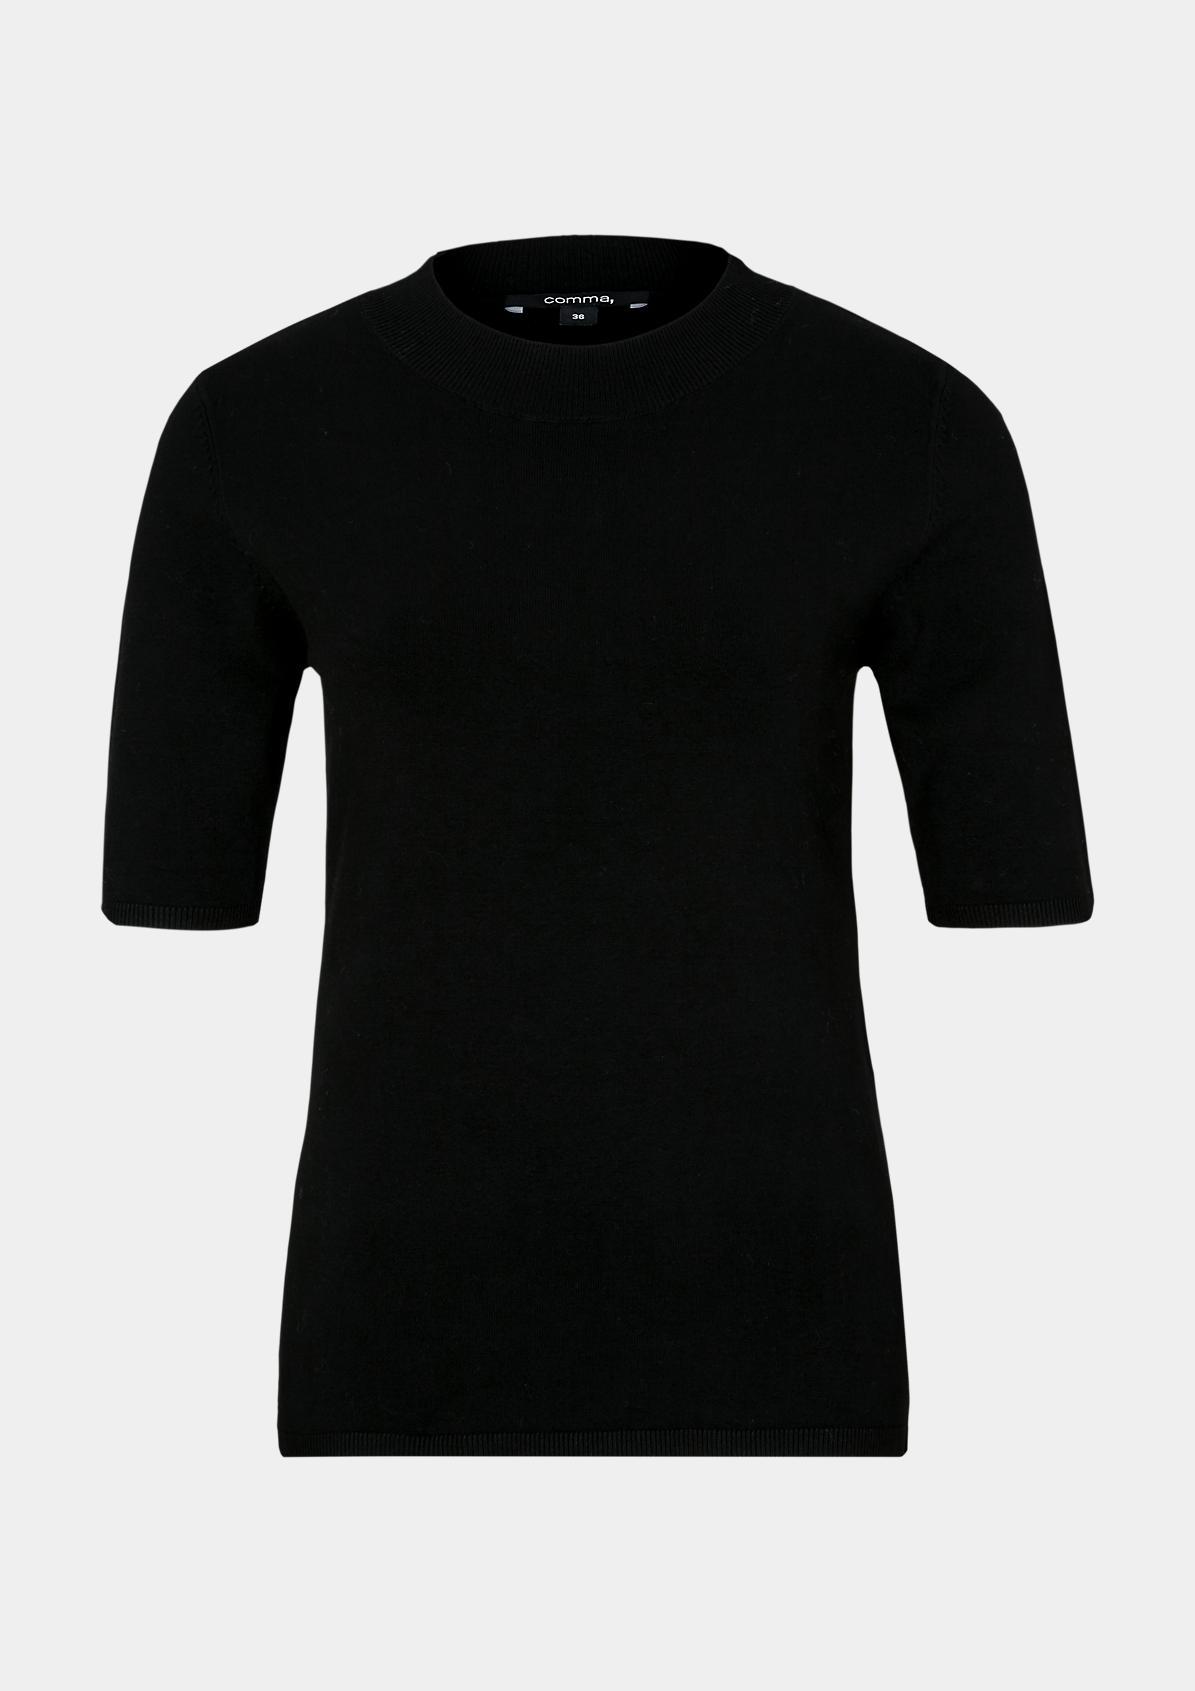 Kurzarm-Feinstrickshirt mit raffinierten Details